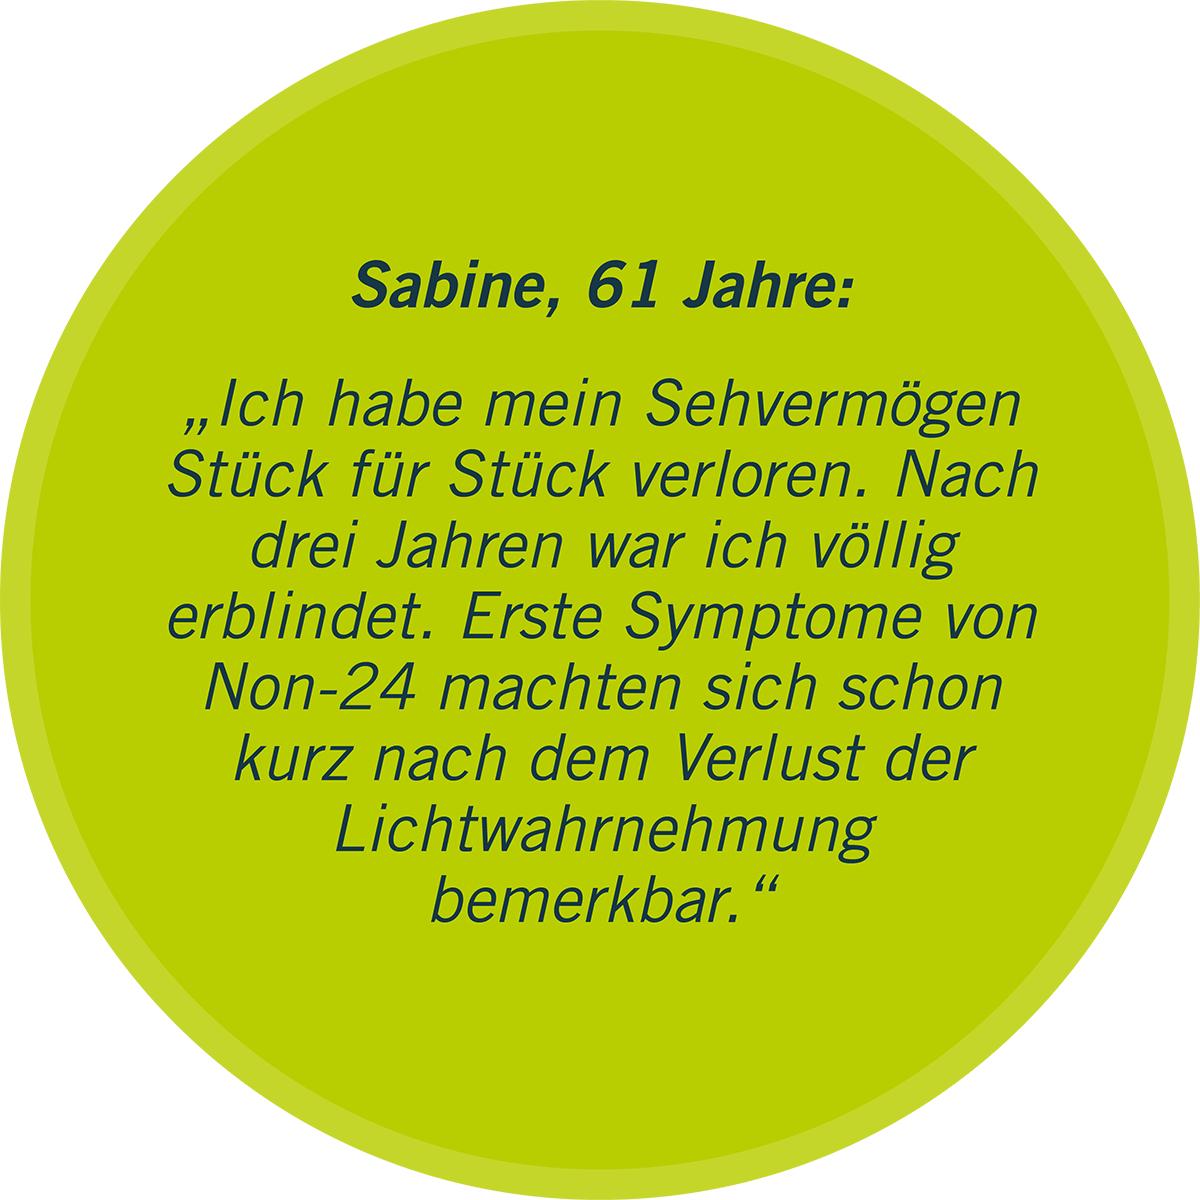 """Sabine, 61 Jahre: """"Ich habe mein Sehvermögen Stück für Stück verloren. Nach drei Jahren war ich völlig erblindet. Erste Symptome von Non-24 machten sich schon kurz nach dem Verlust der Lichtwahrnehmung bemerkbar."""""""